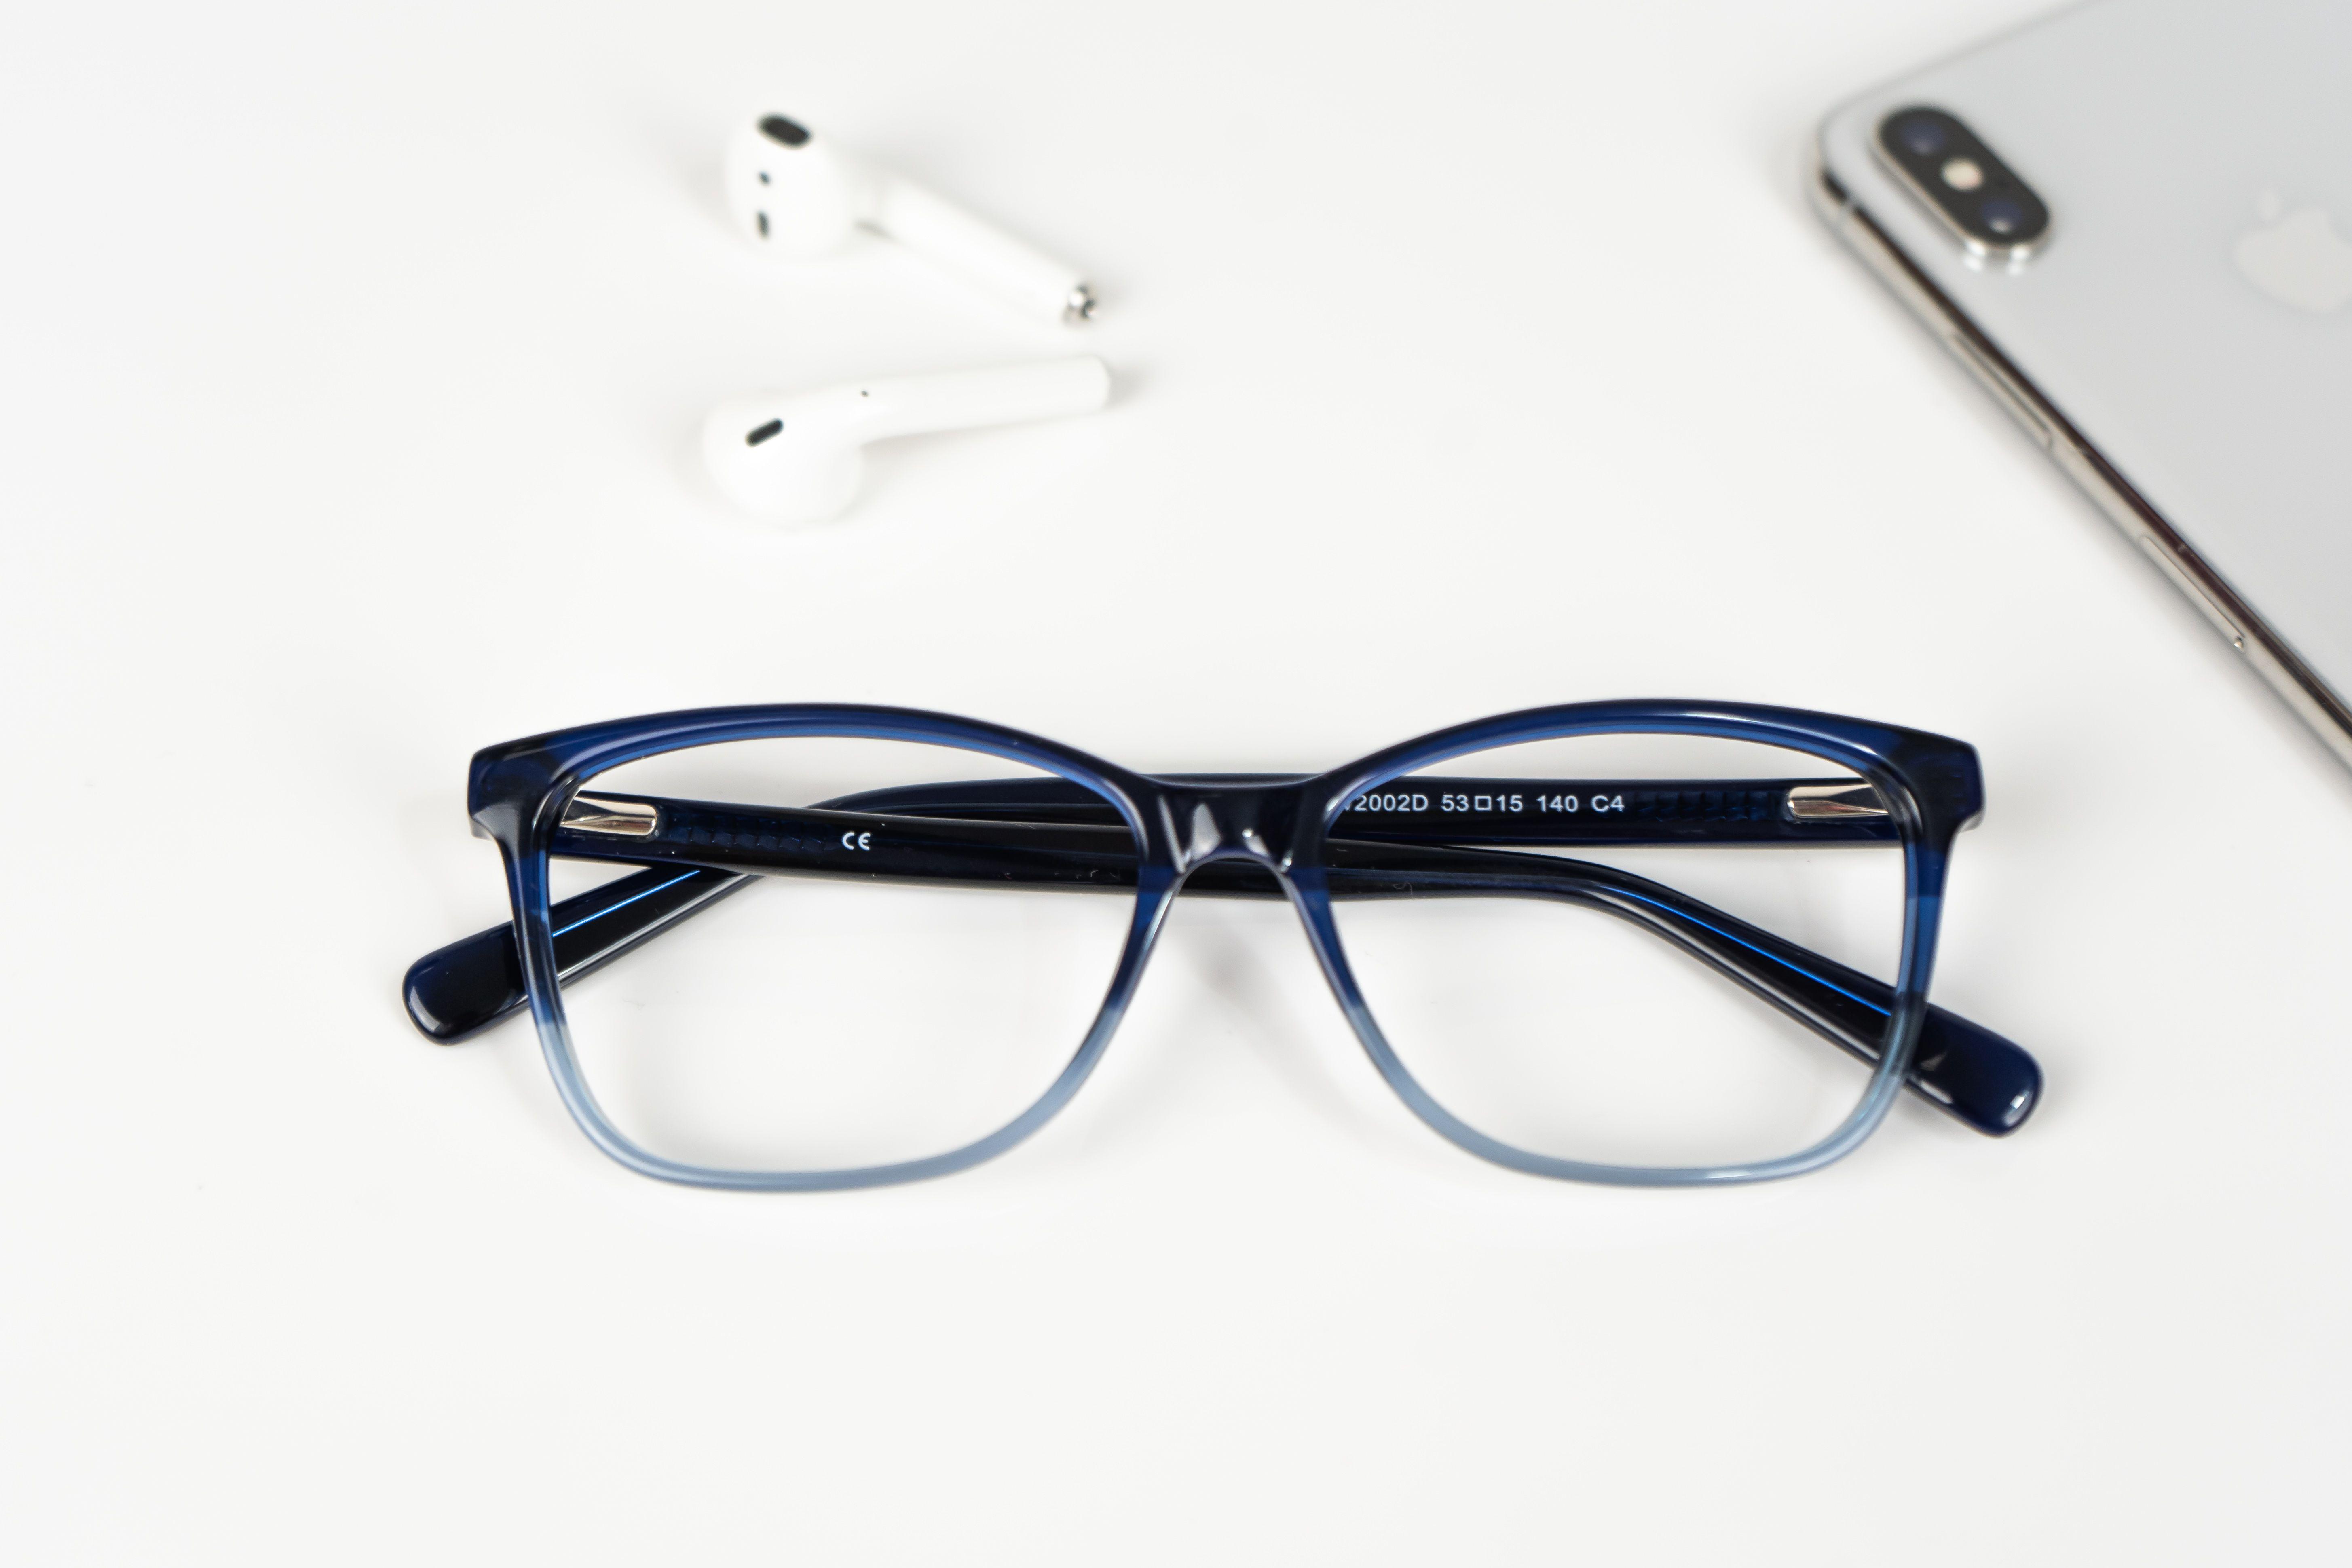 bdd5315c6a Gafas graduadas de color: ¿Cómo elegir la montura que mejor te va?